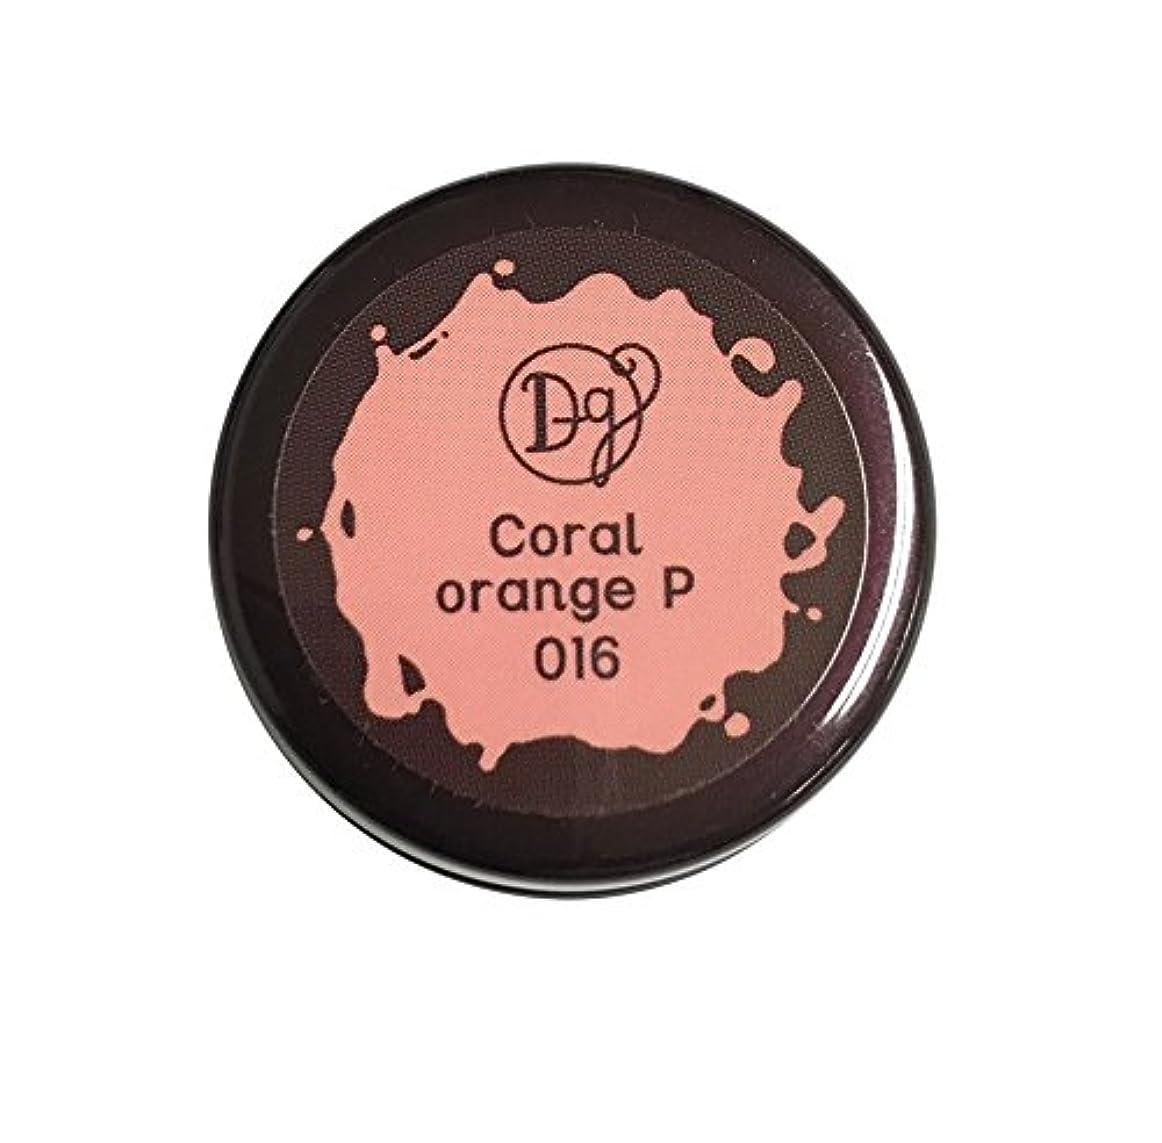 累計タイト増加するデコラガール カラージェル 016 コーラルオレンジペール 3g